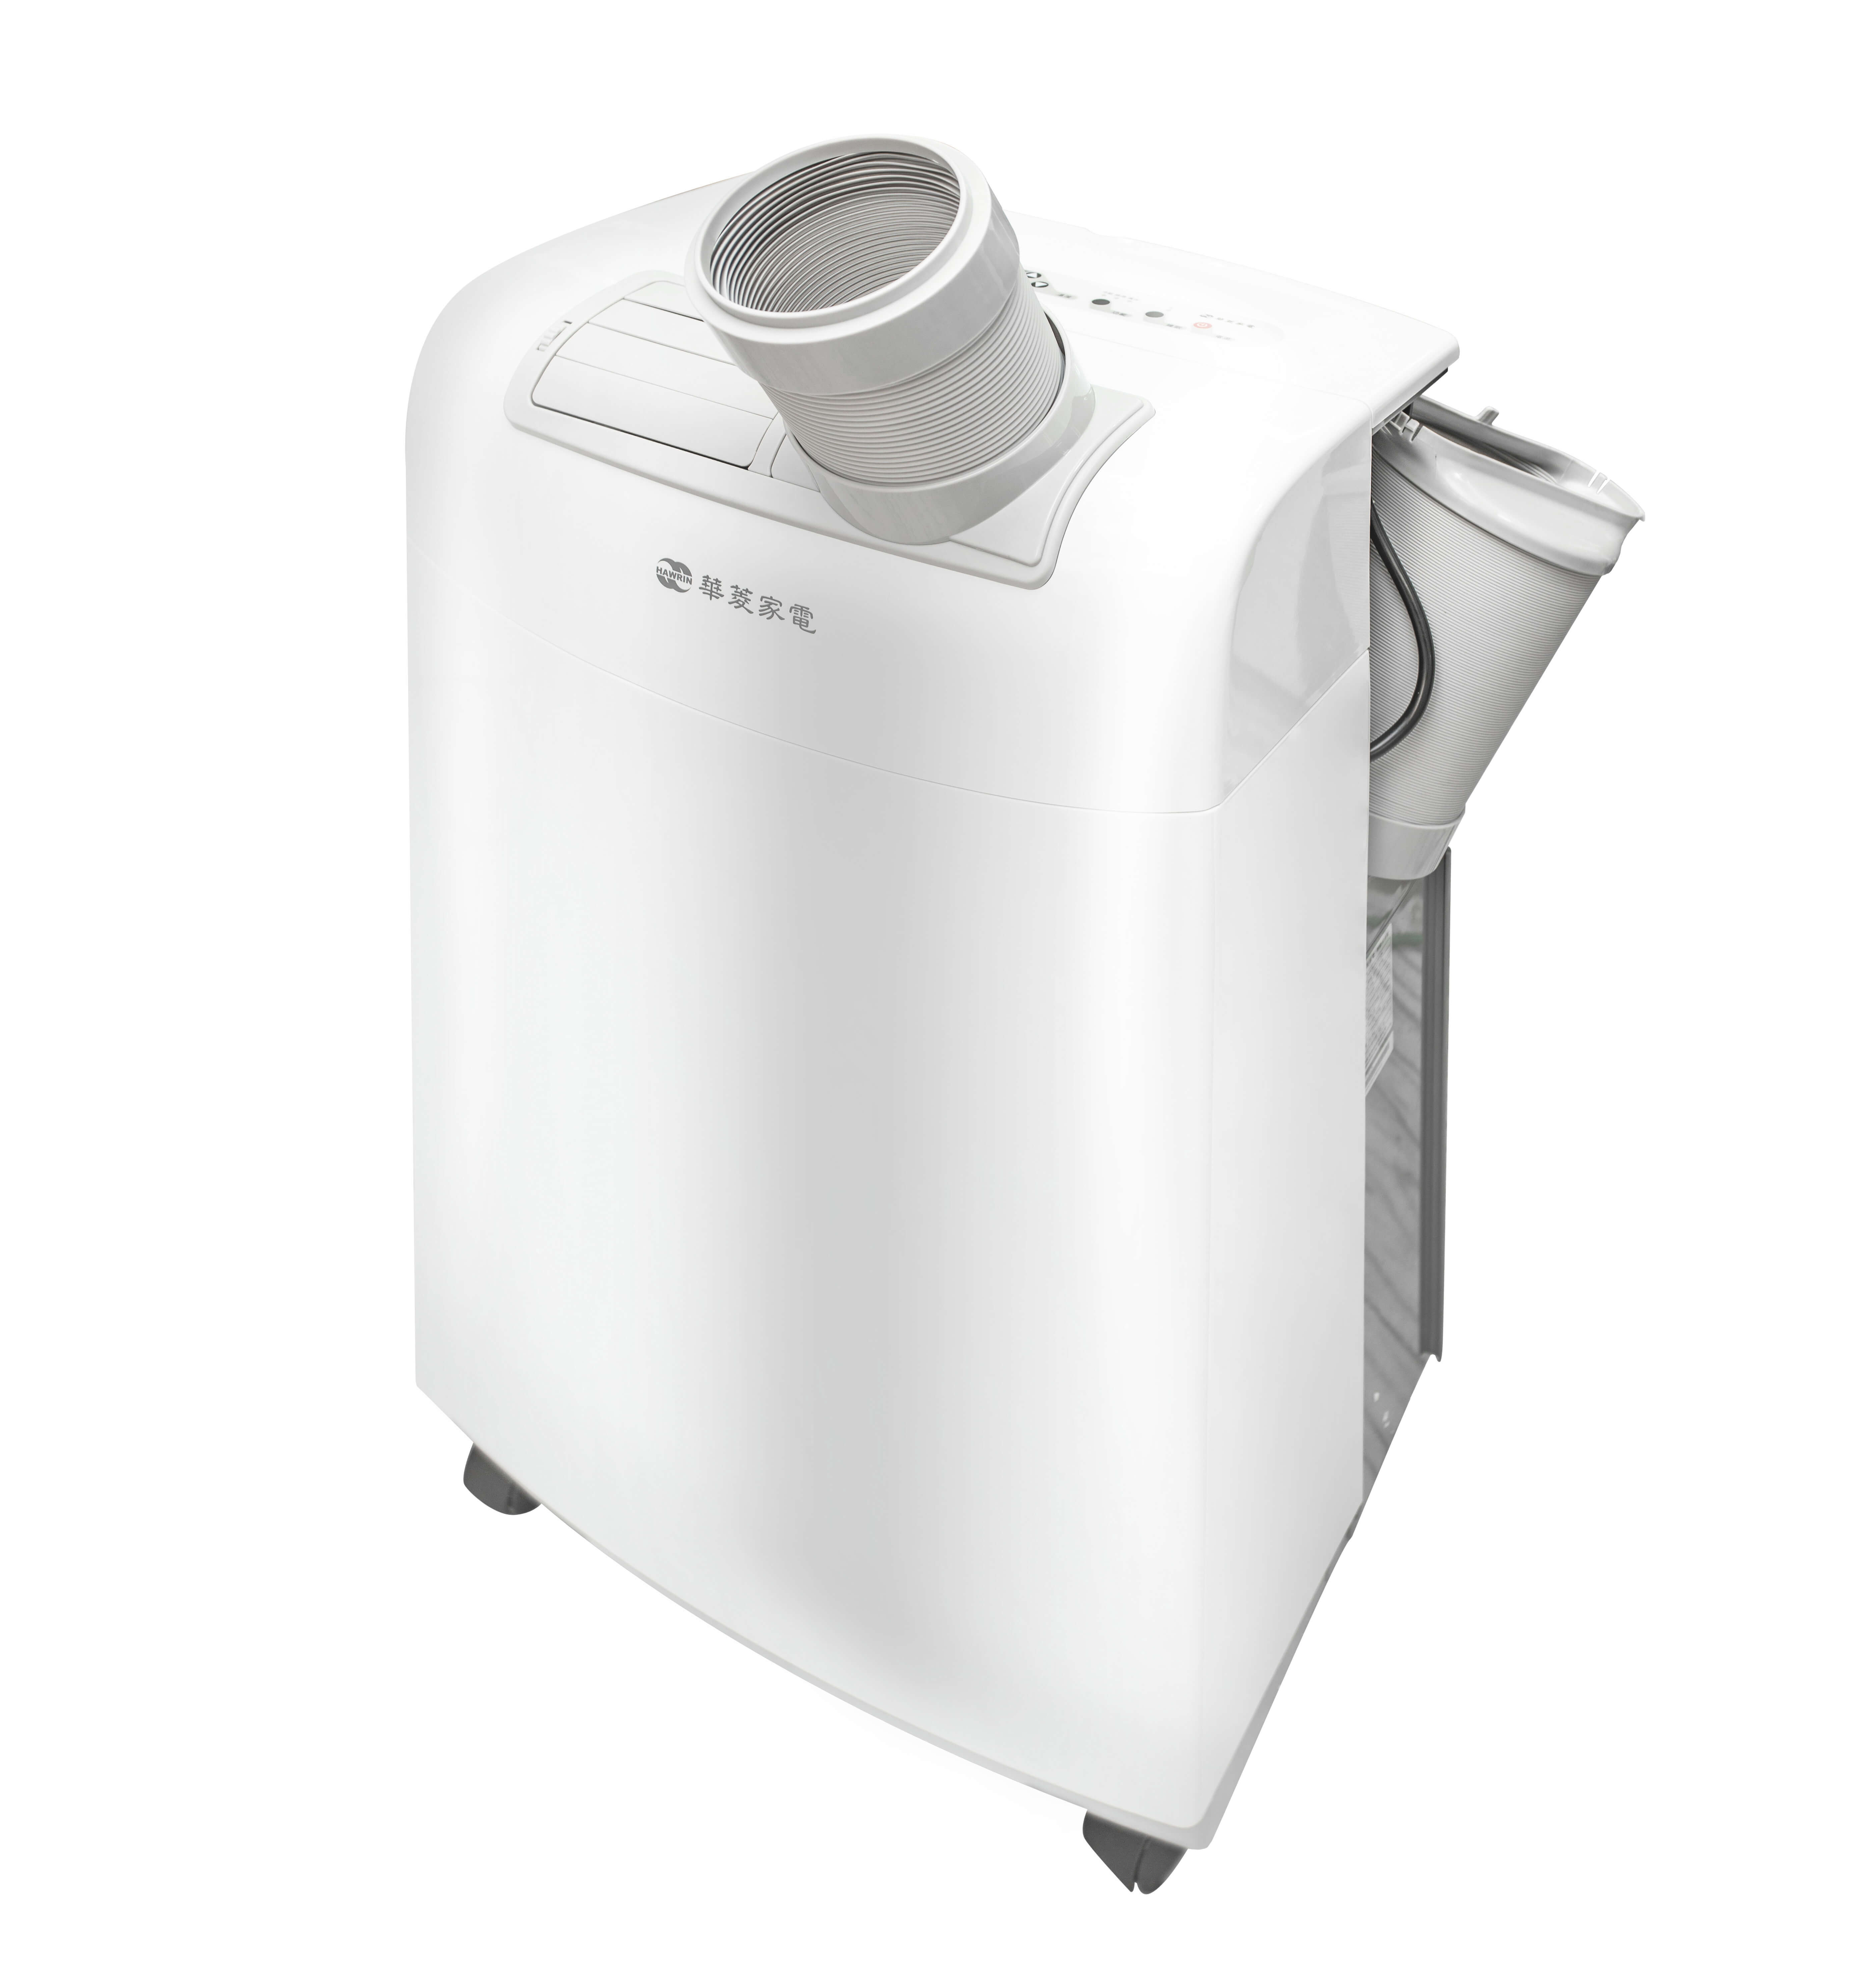 移動式冷氣 HPCS-PC3512K